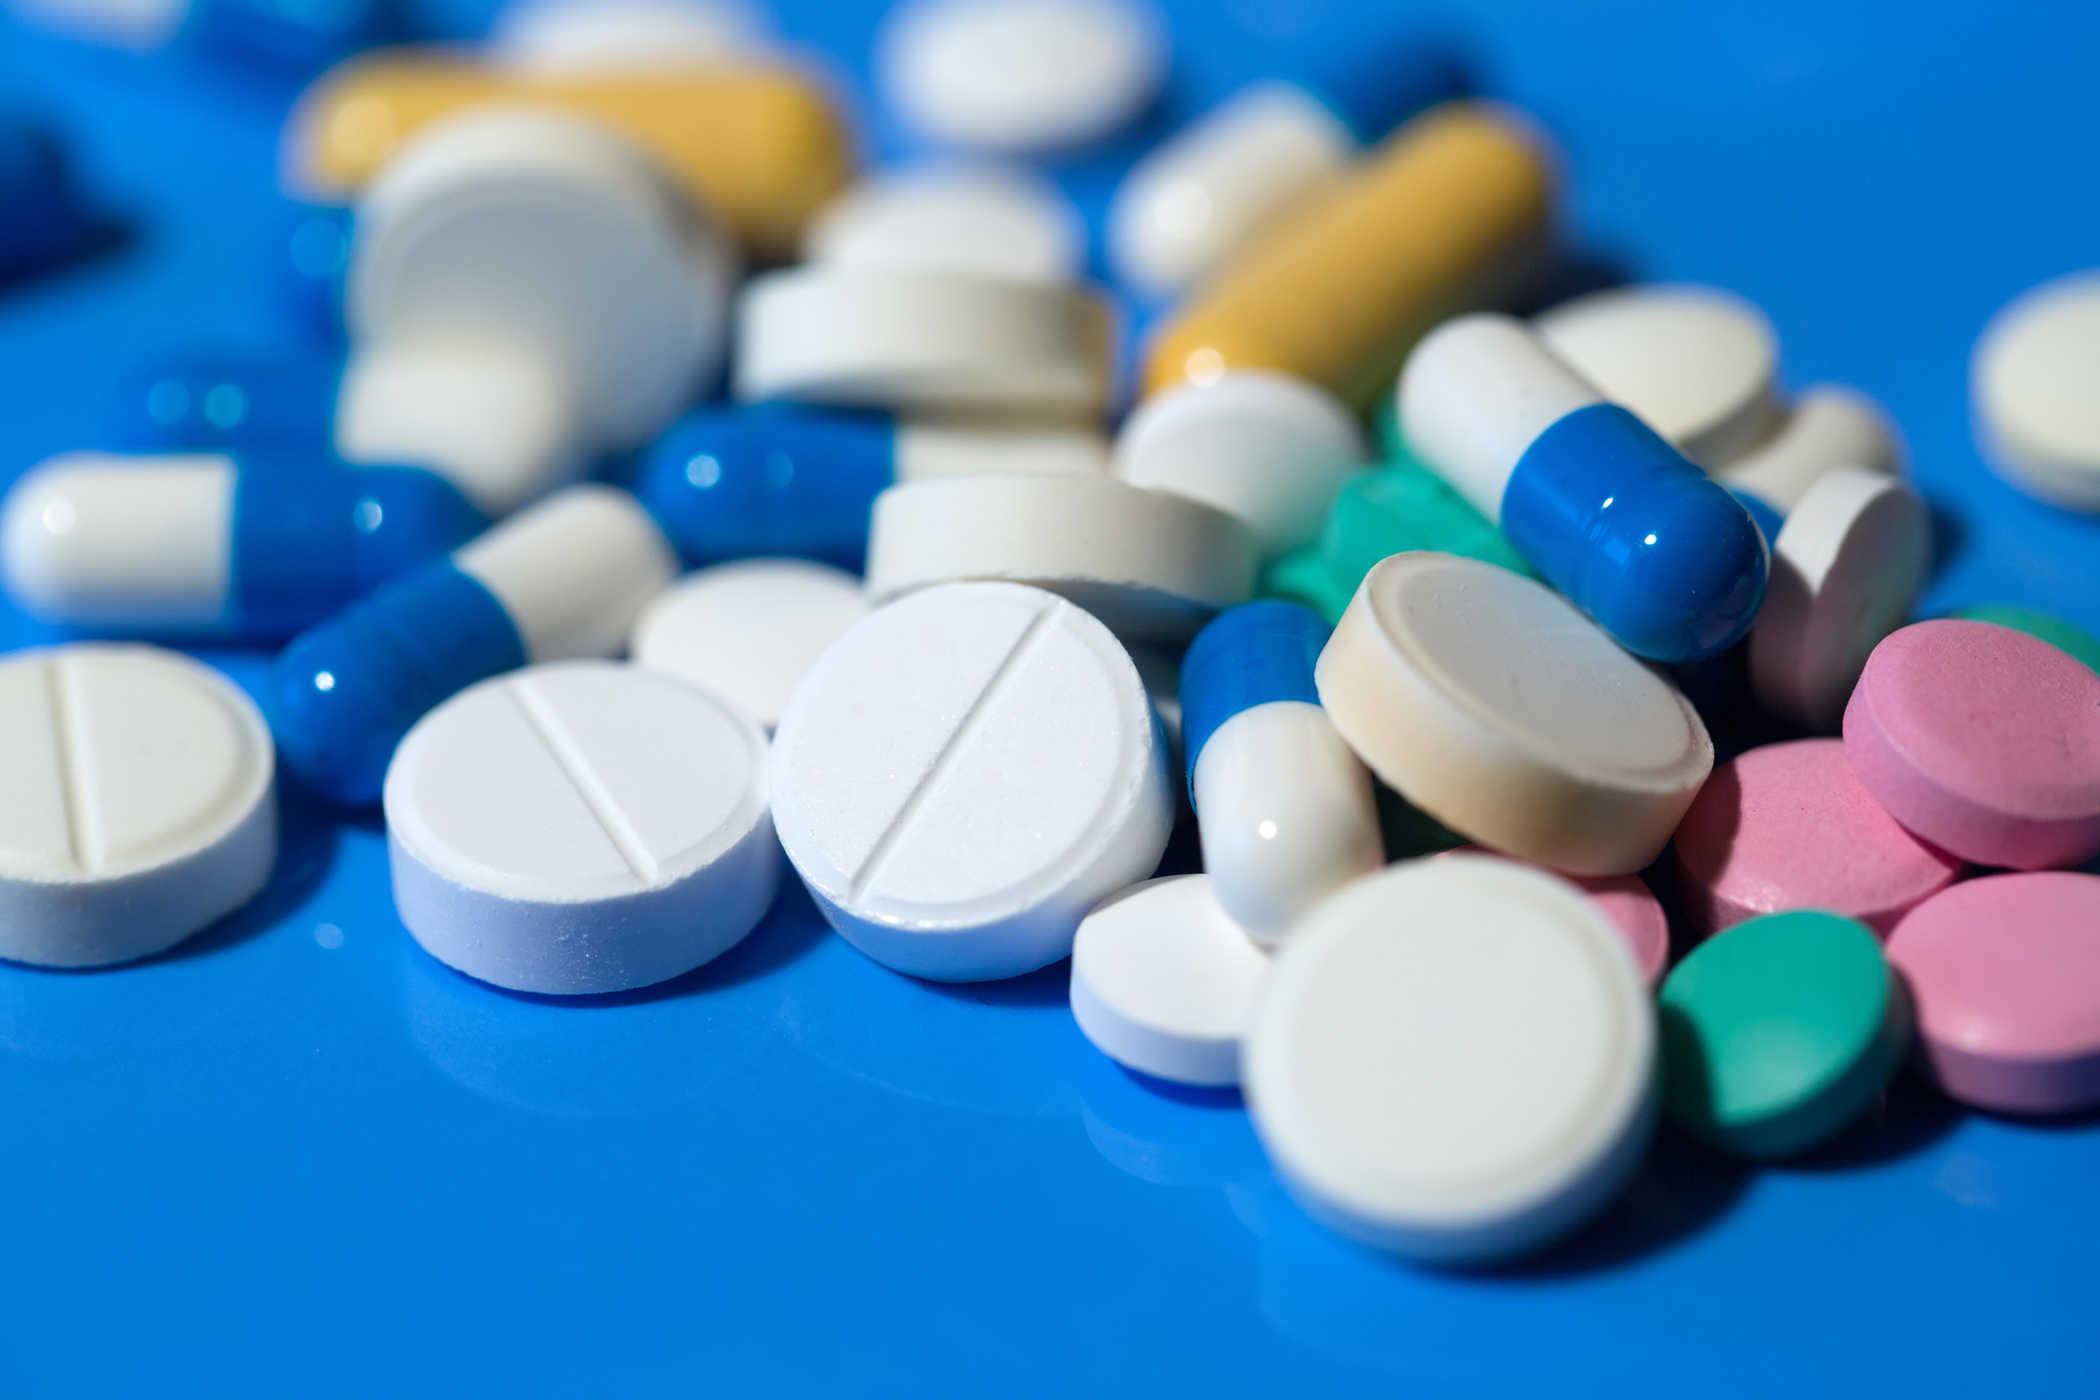 thuốc kháng sinh dạ dày